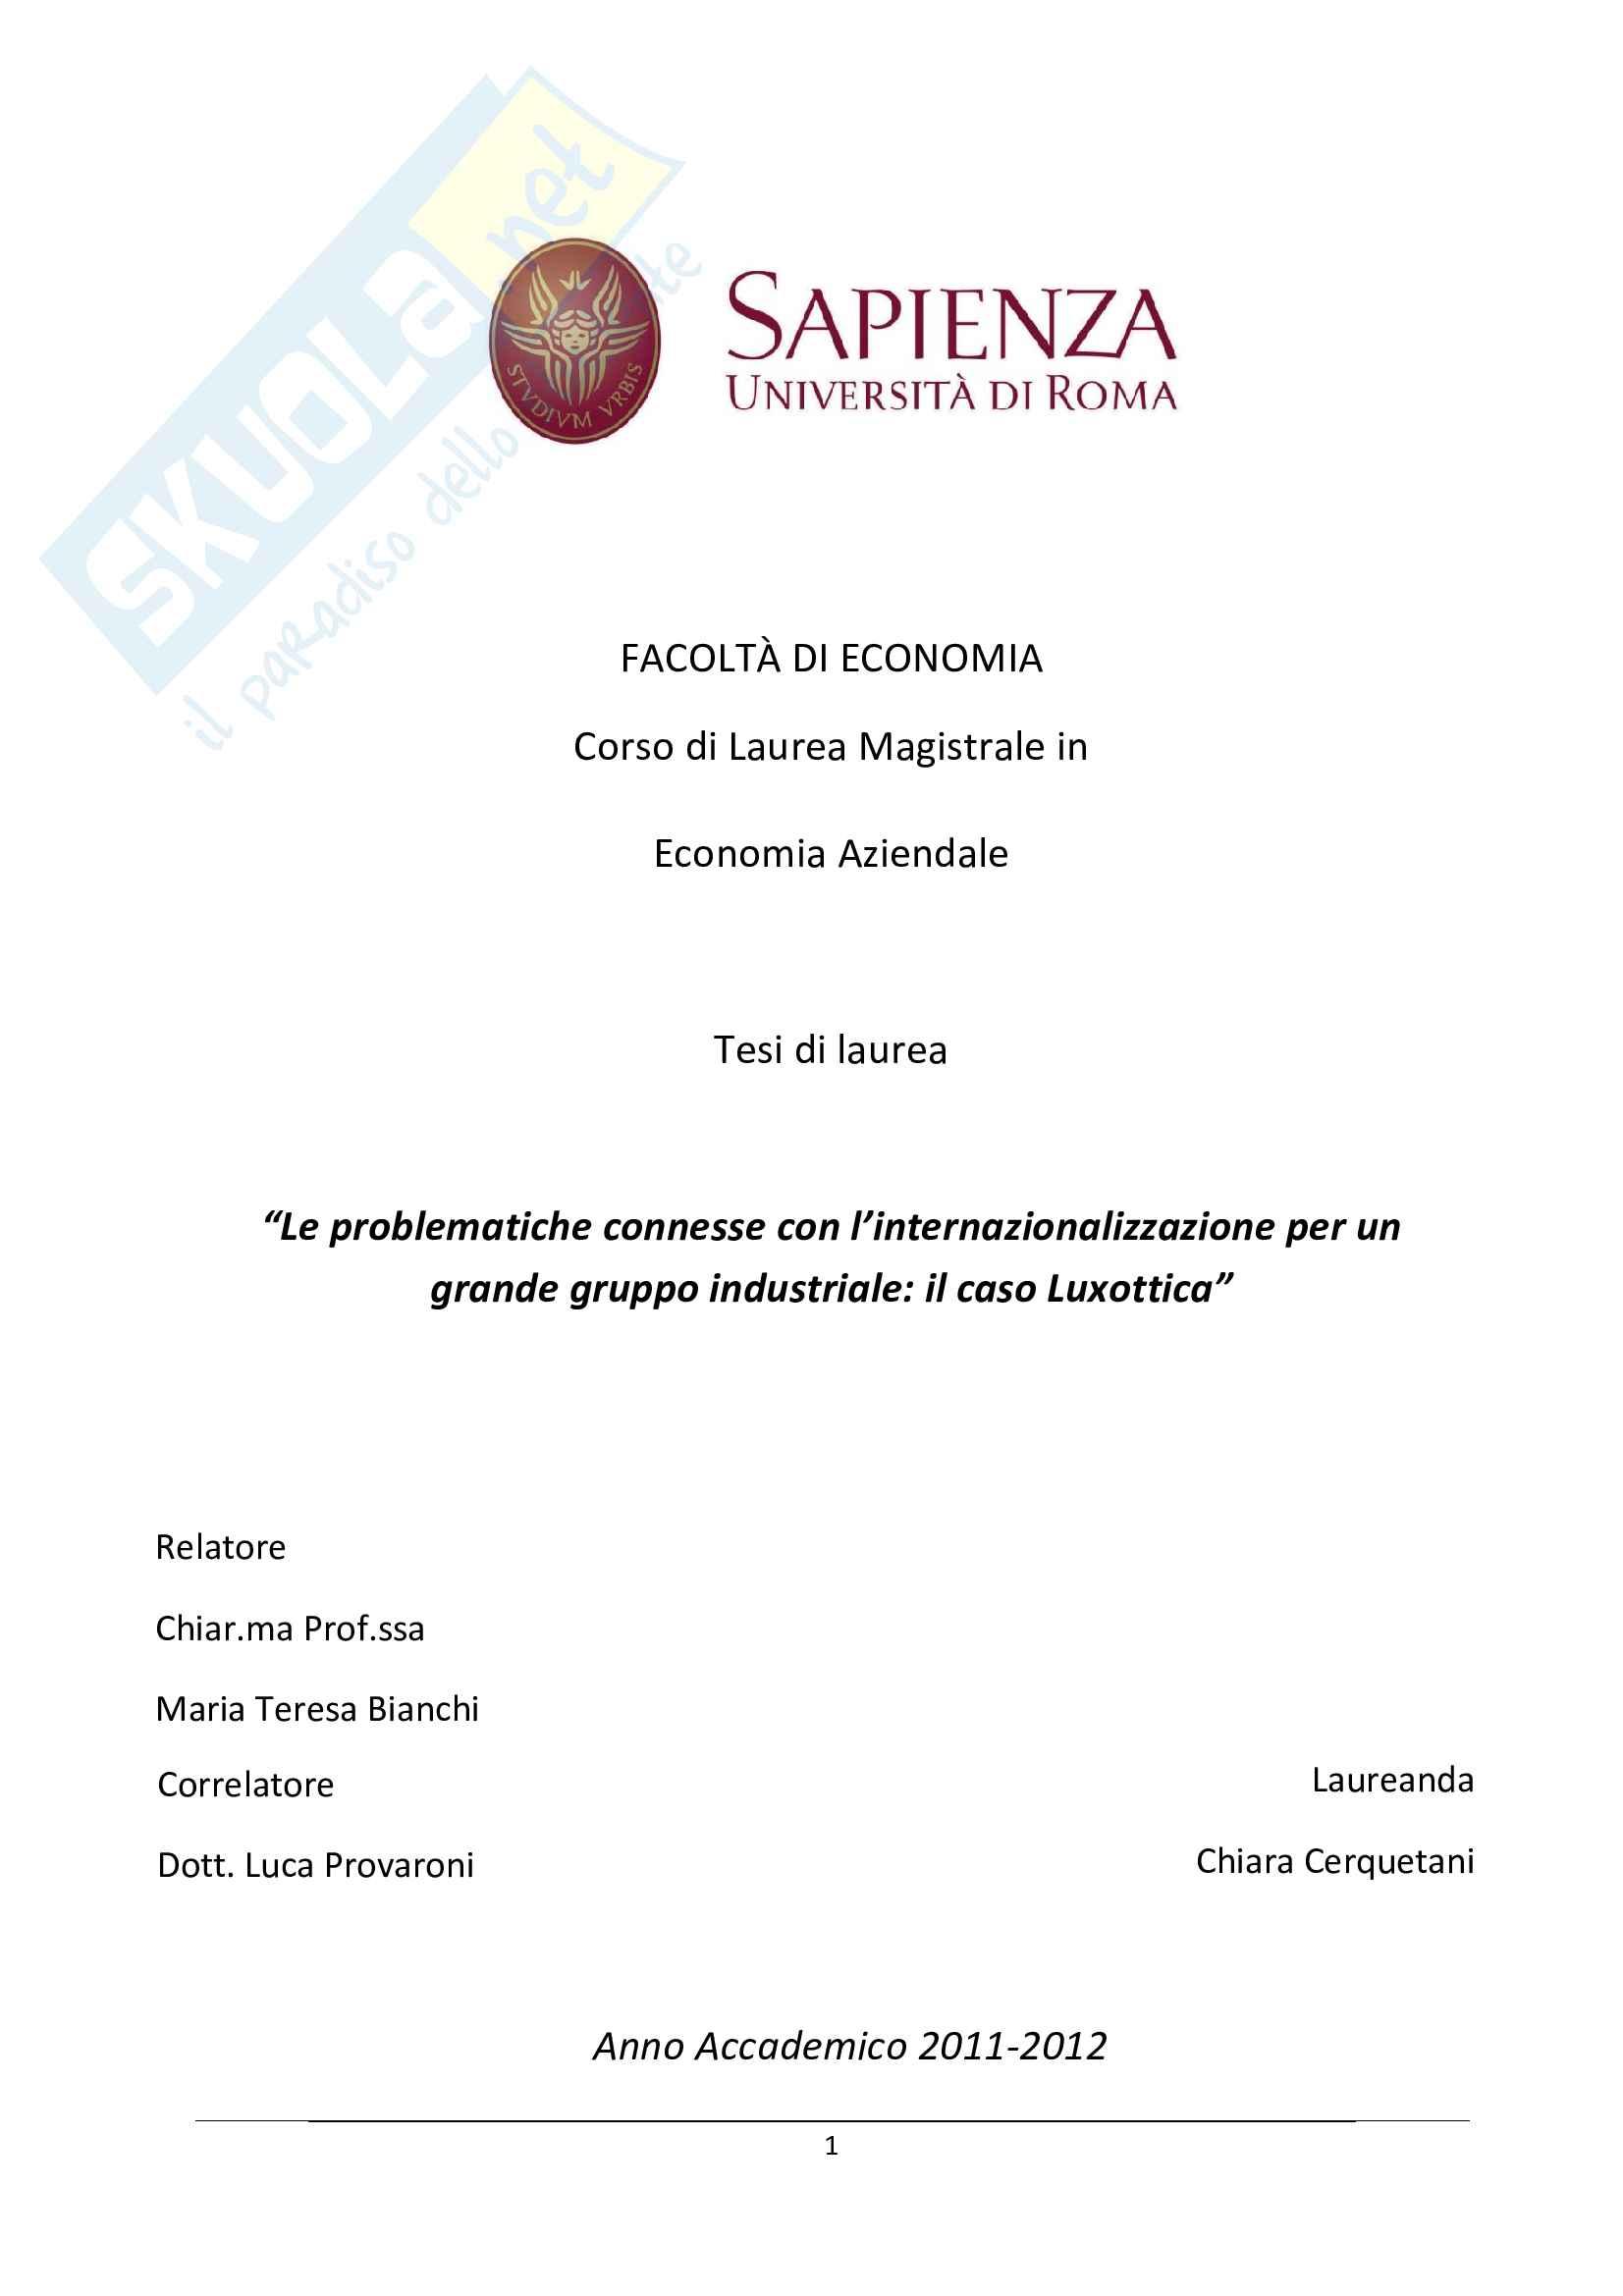 Tesi - Le problematiche connesse con l'internazionalizzazione: il caso Luxottica